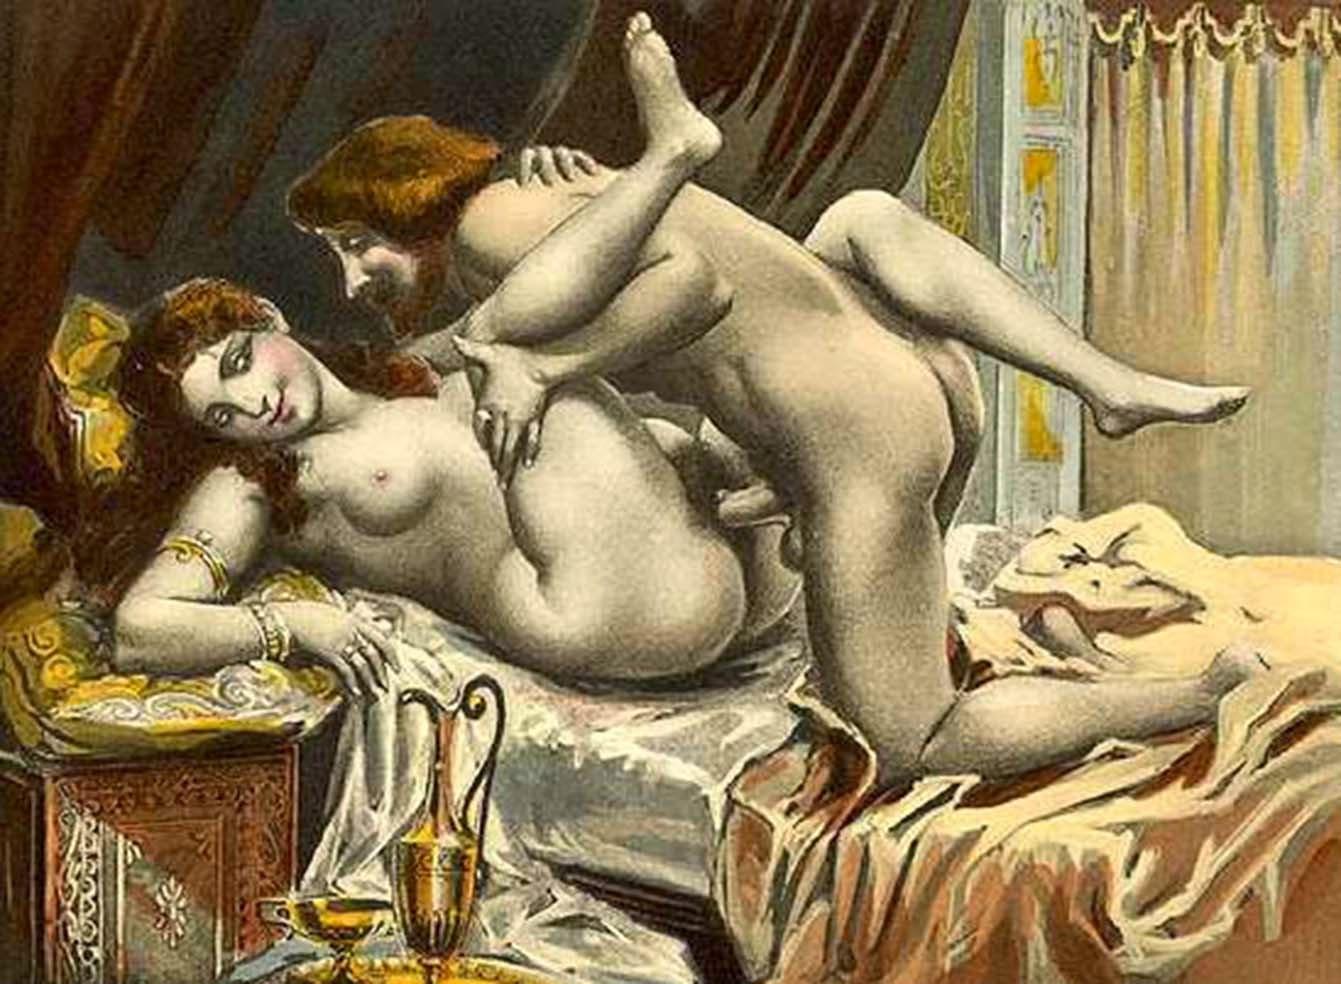 всем порно онлайн древние времена гадали чём говорили